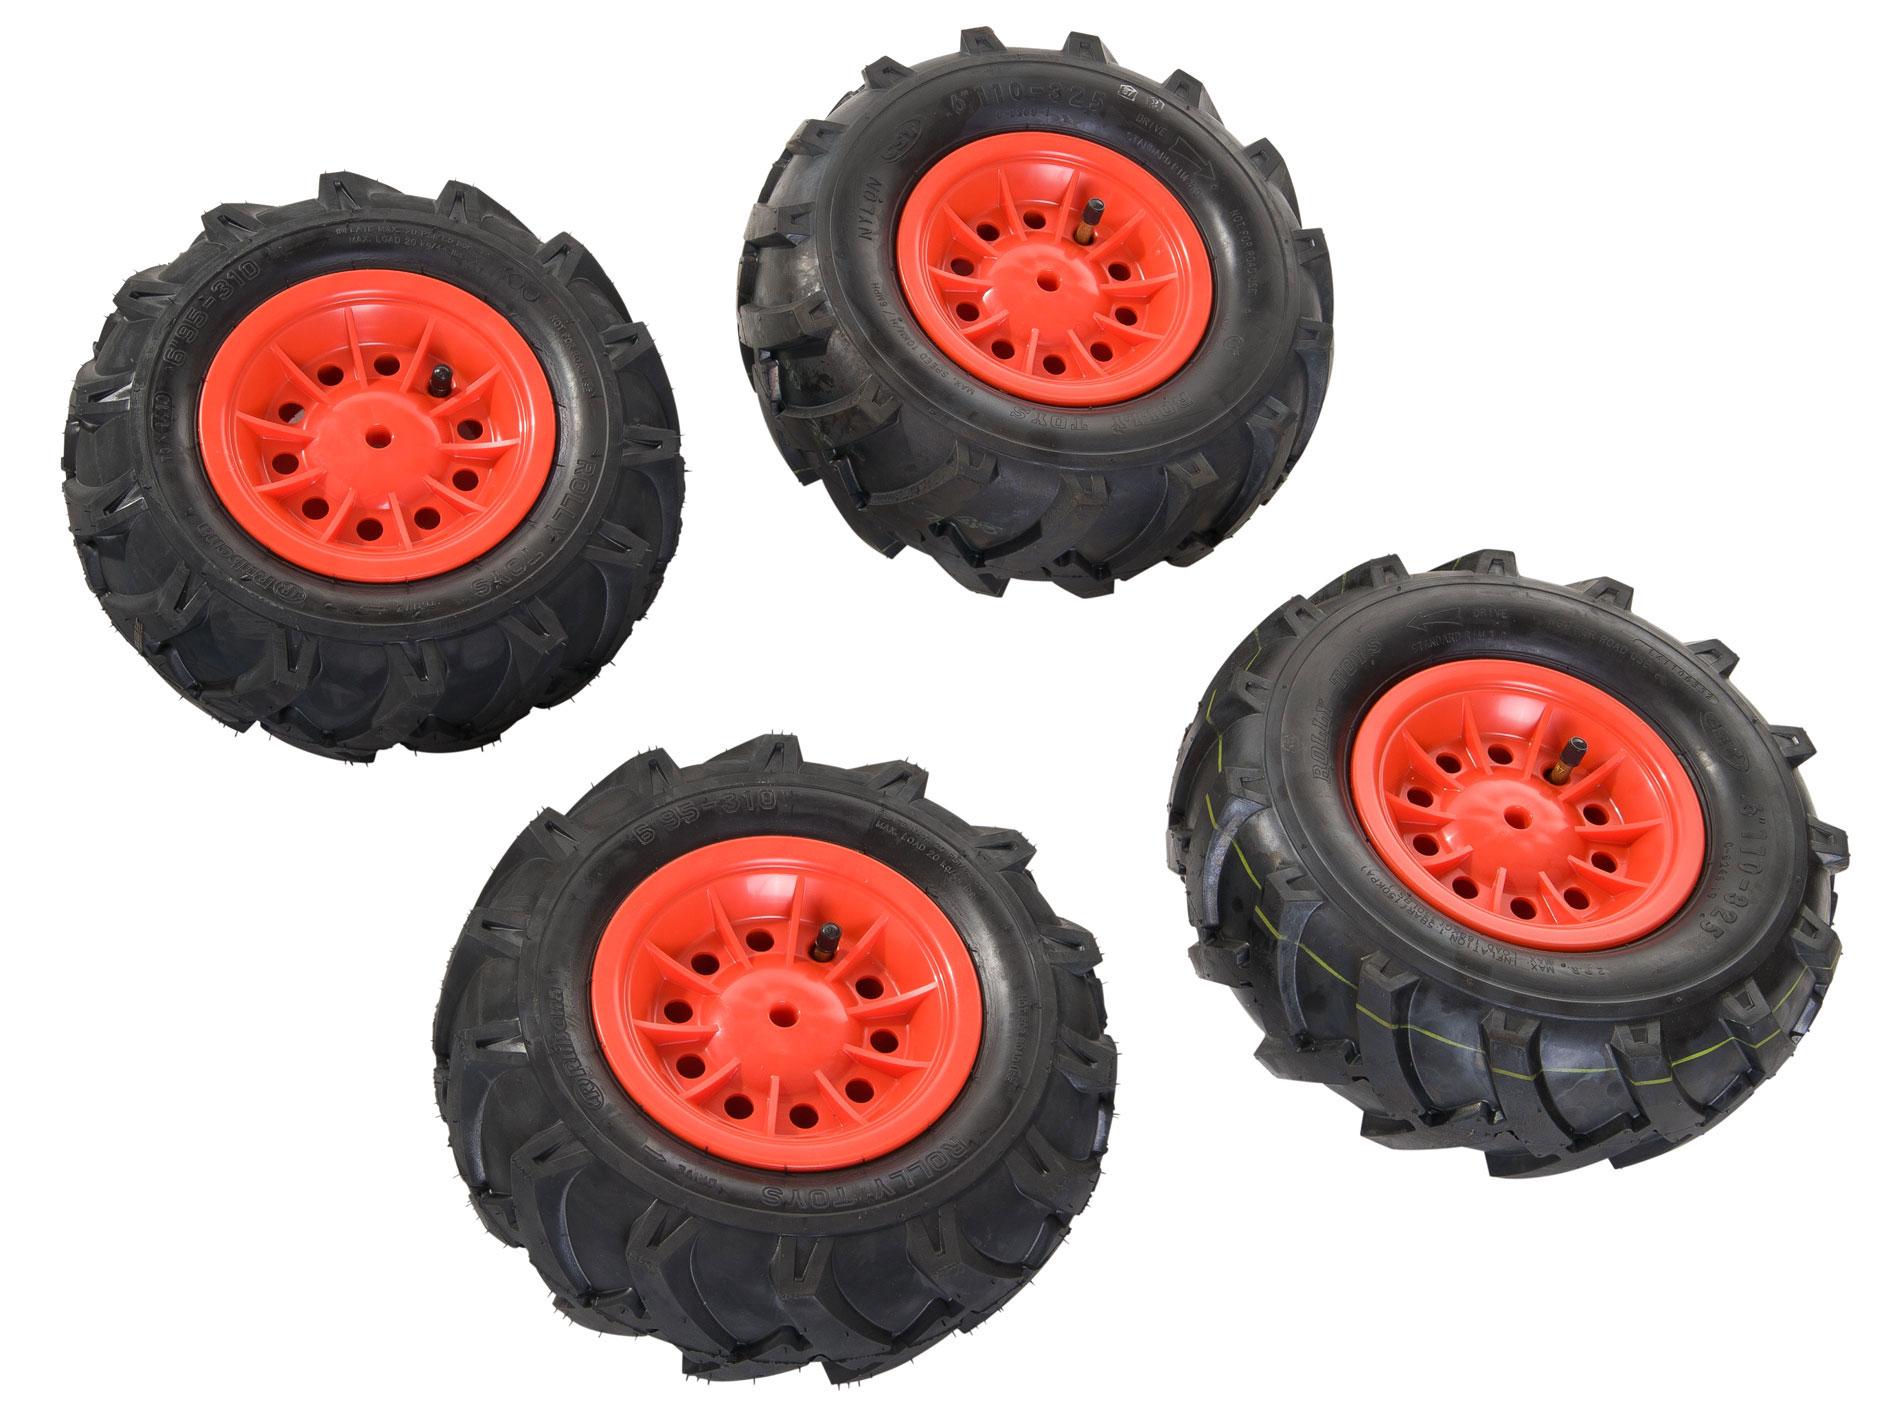 Räder rolly Luftbereifung für Tretfahrzeug 310x95 + 325x110 rot Bild 1